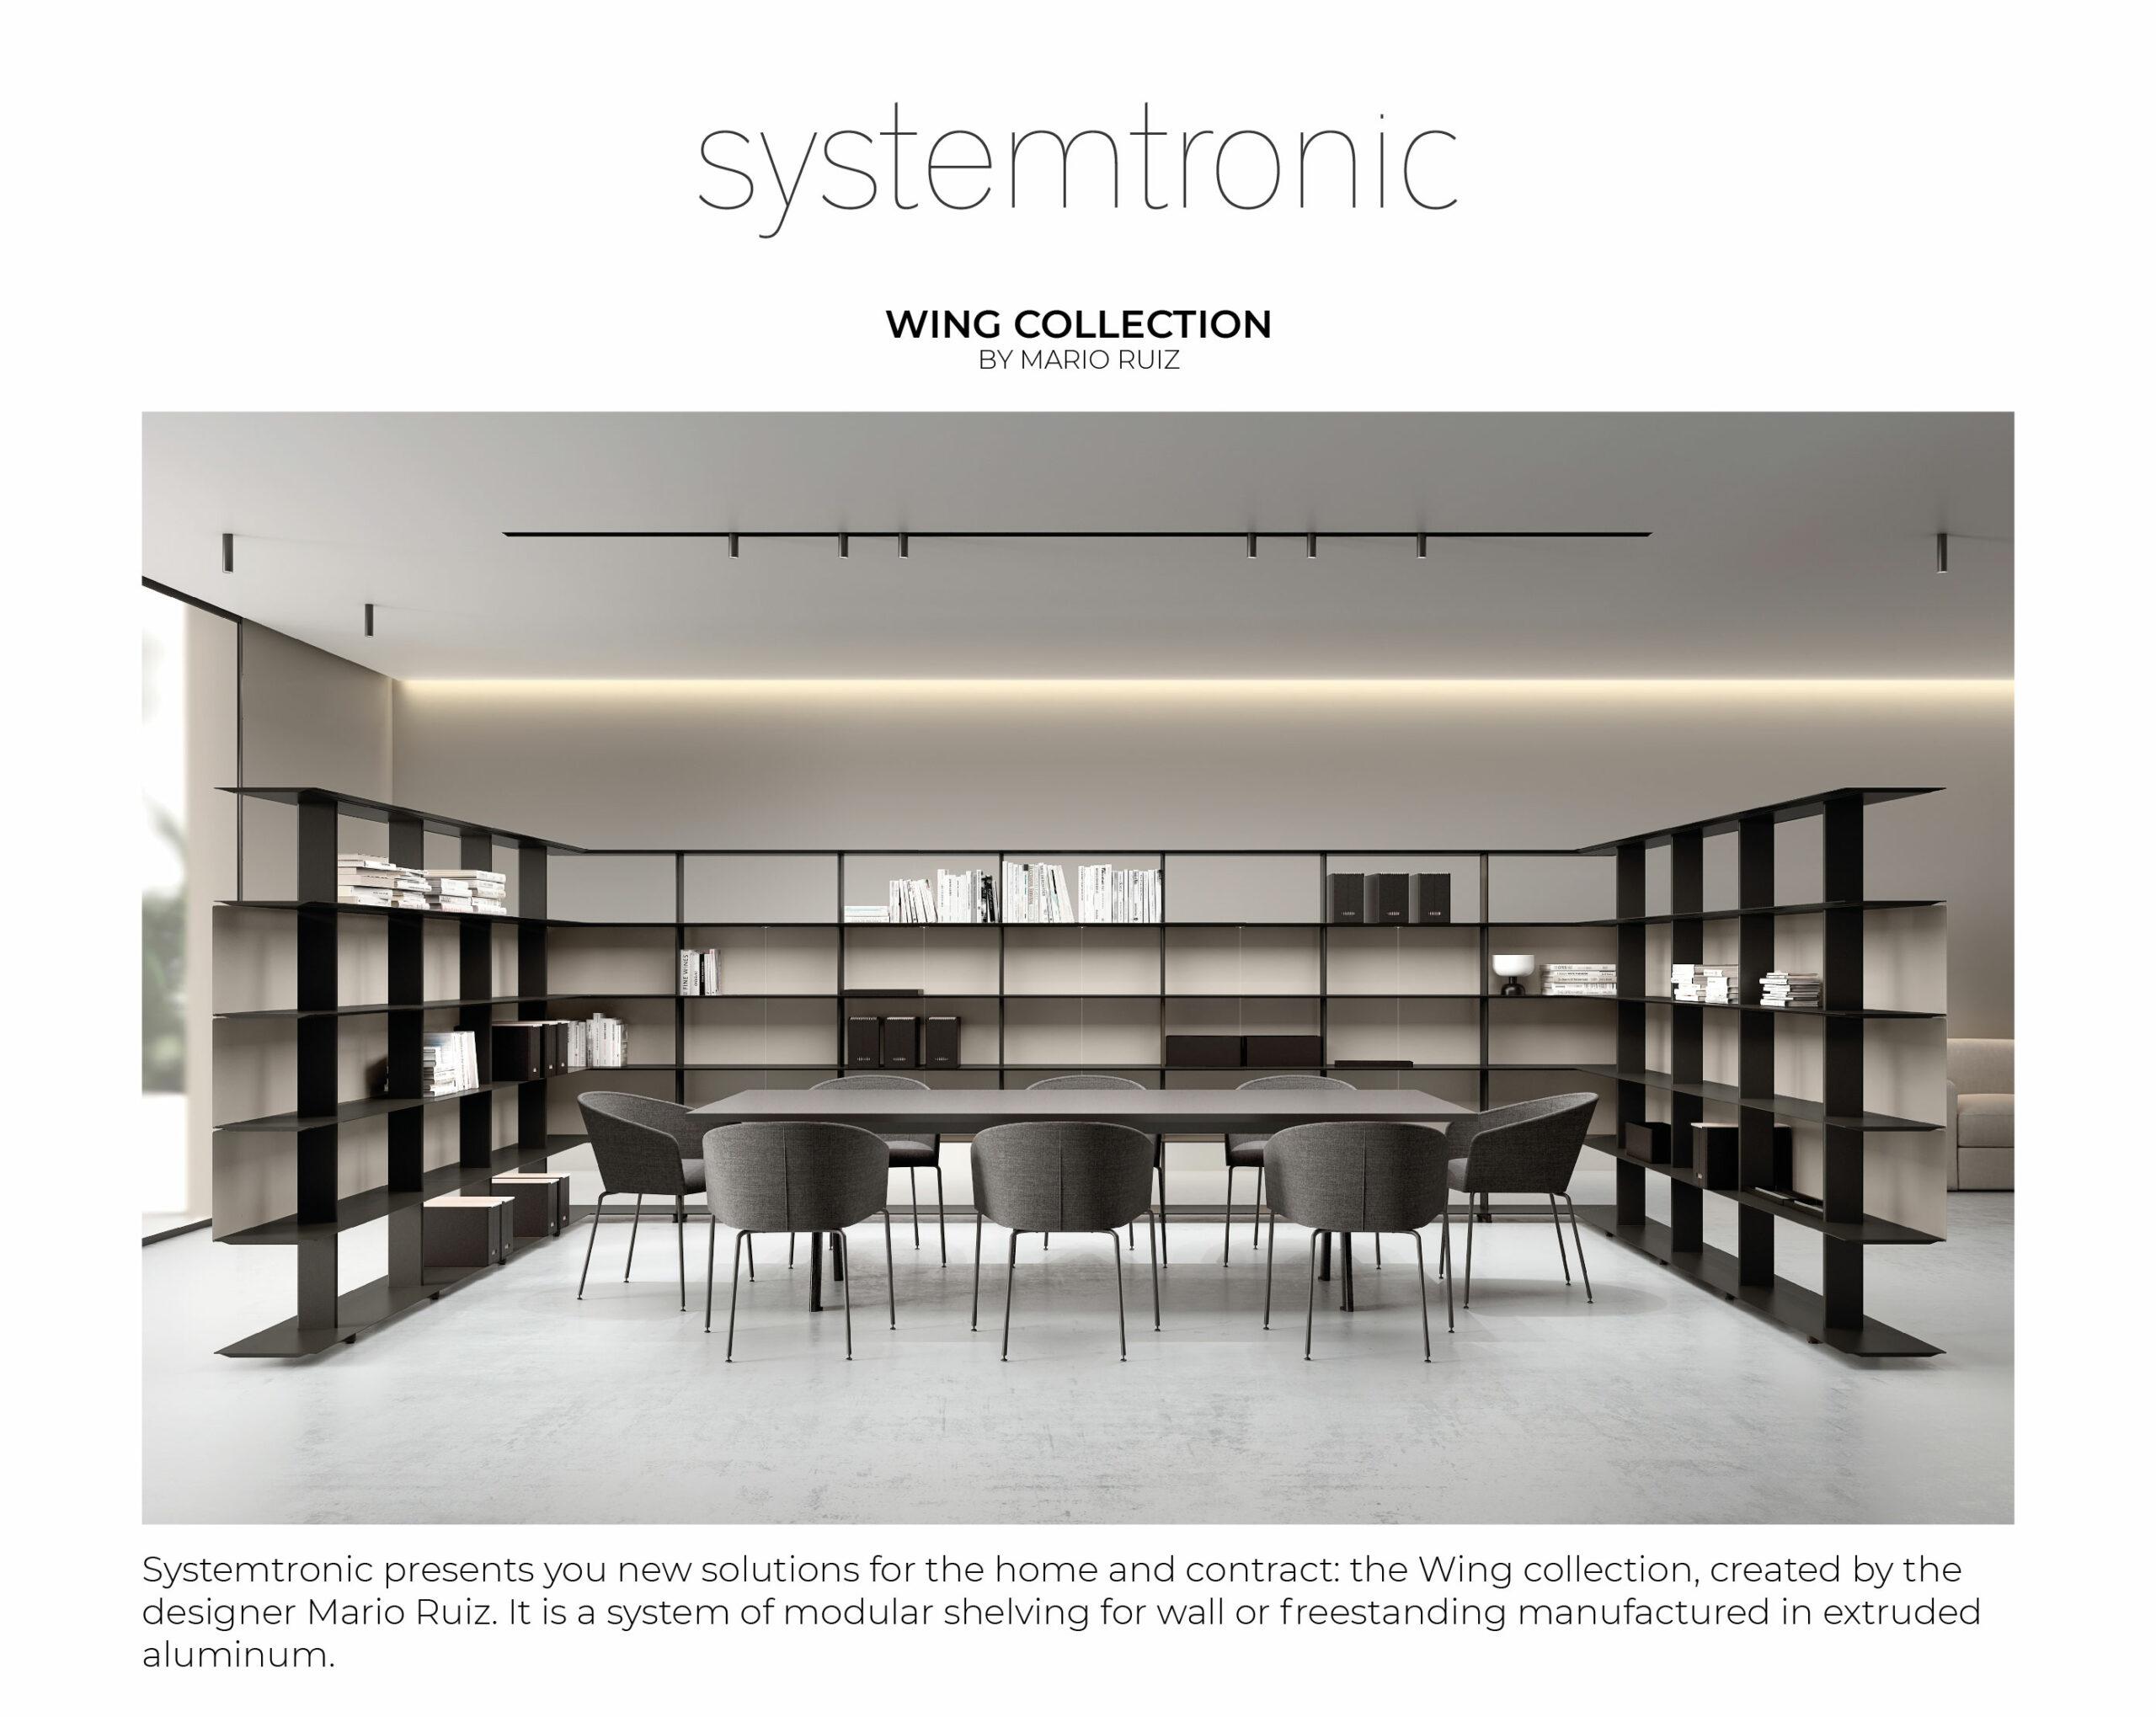 Collection Wing by Mario Ruiz